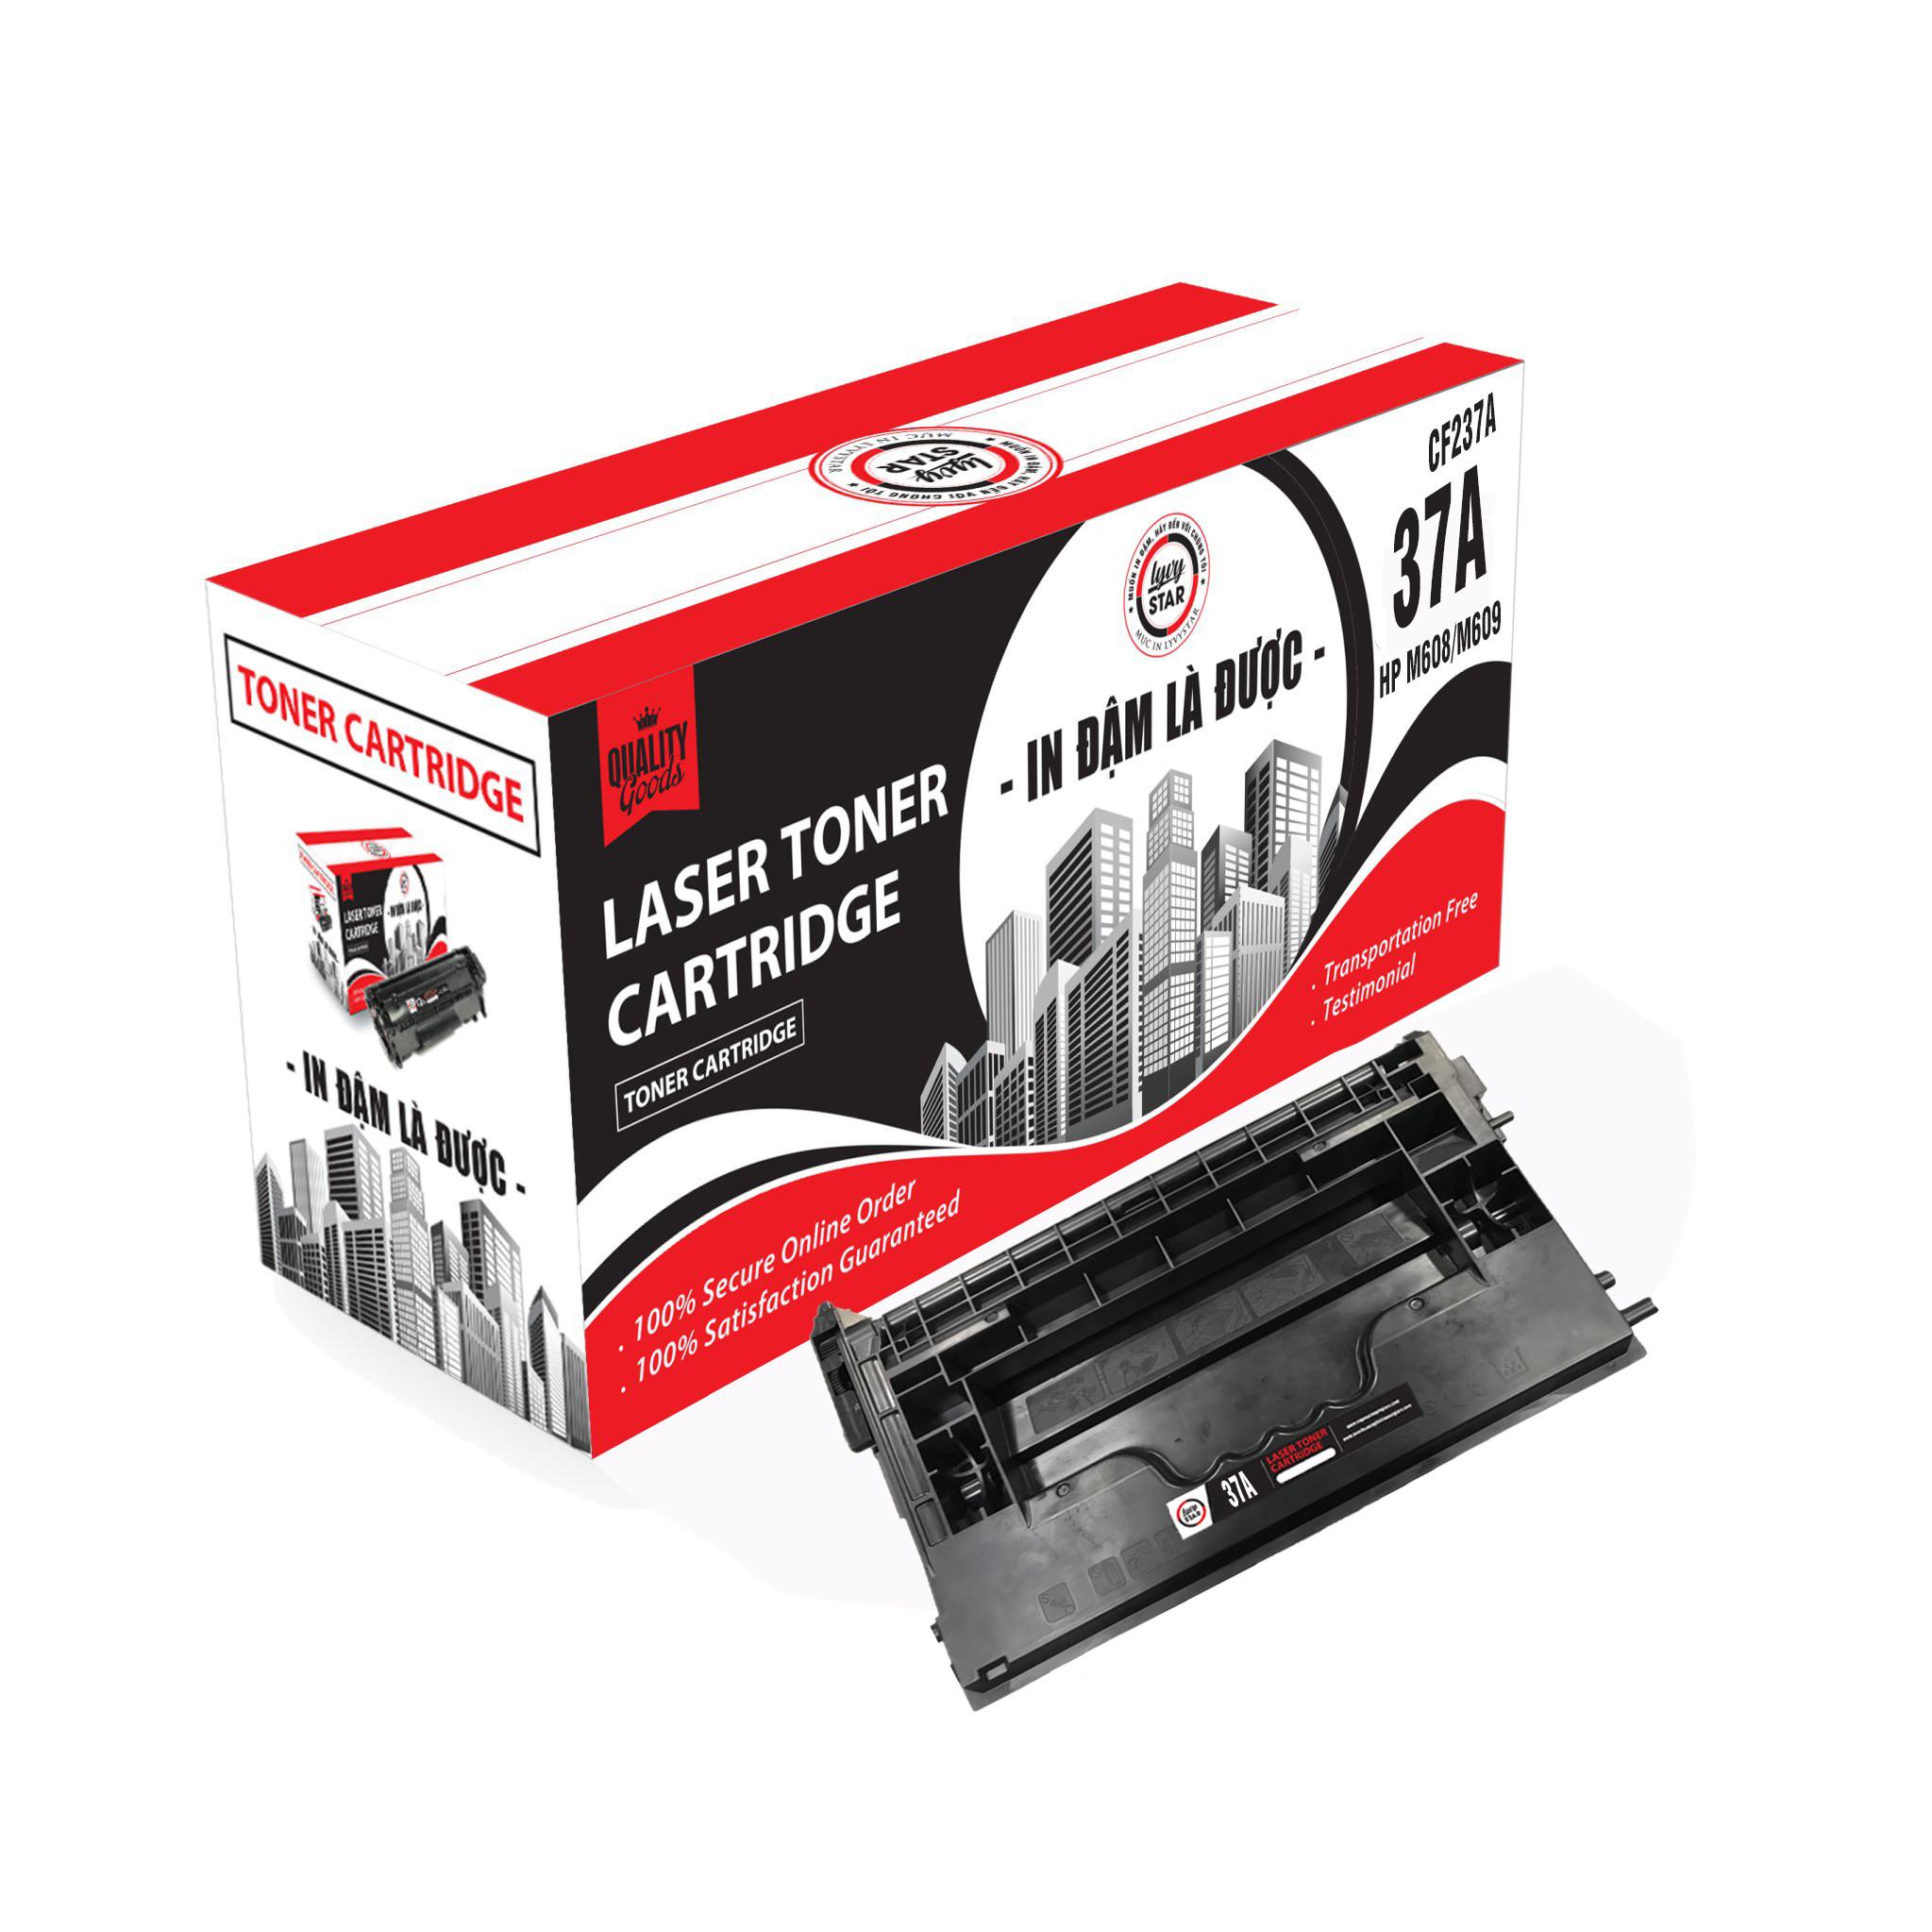 Mực in Lyvystar 37A (CF237A) dùng cho máy HP LaserJet Enterprise M607n - Hàng chính hãng